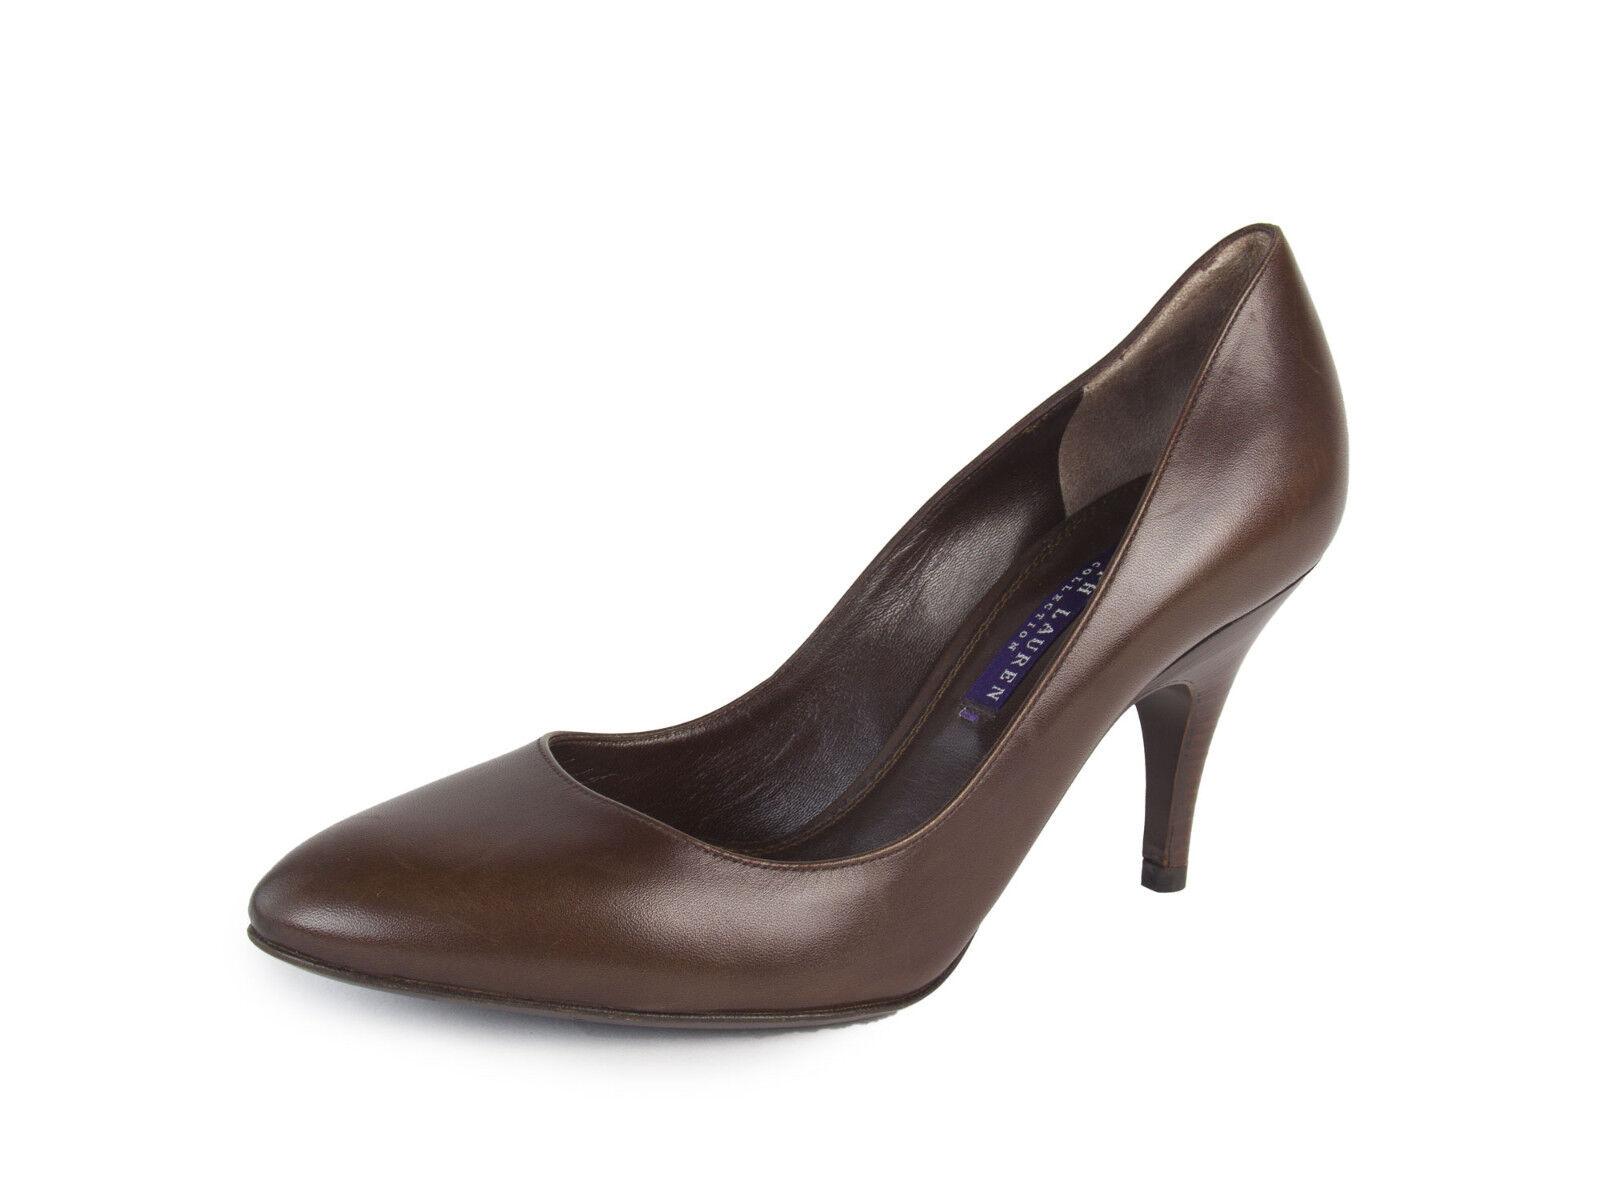 Ralph Lauren púrpura Label Bombas De Cuero Cuero Cuero Marrón Elani de la mujer talla 7  550 Nuevo  encuentra tu favorito aquí